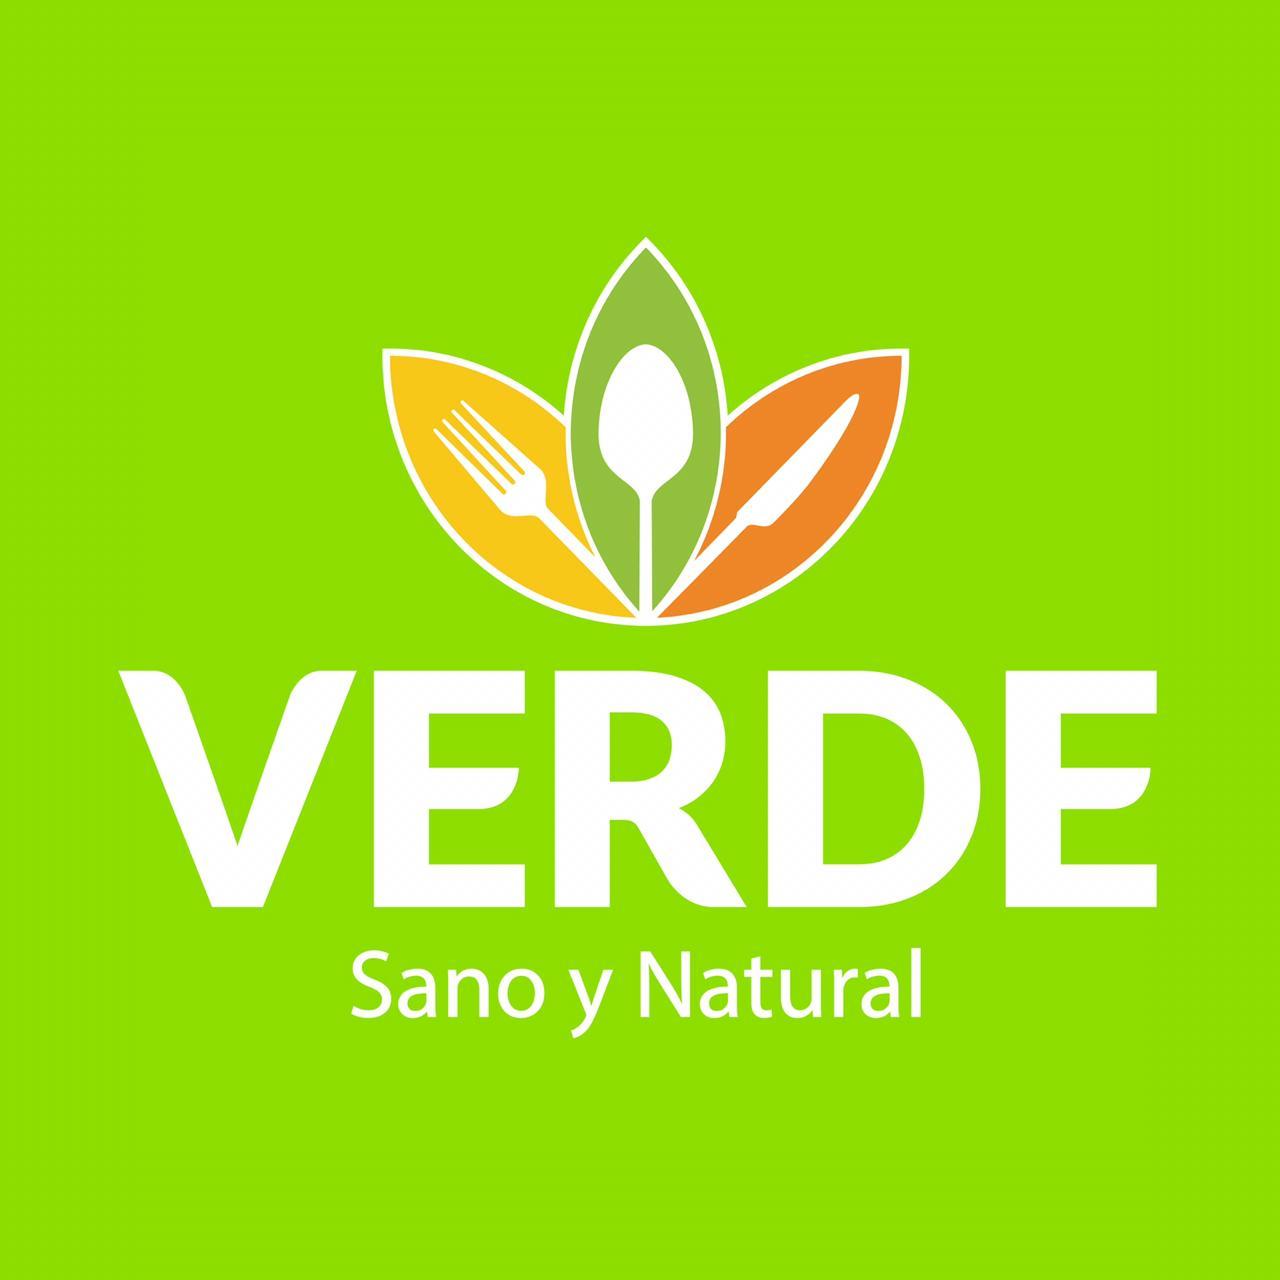 Verde Sano y Natural